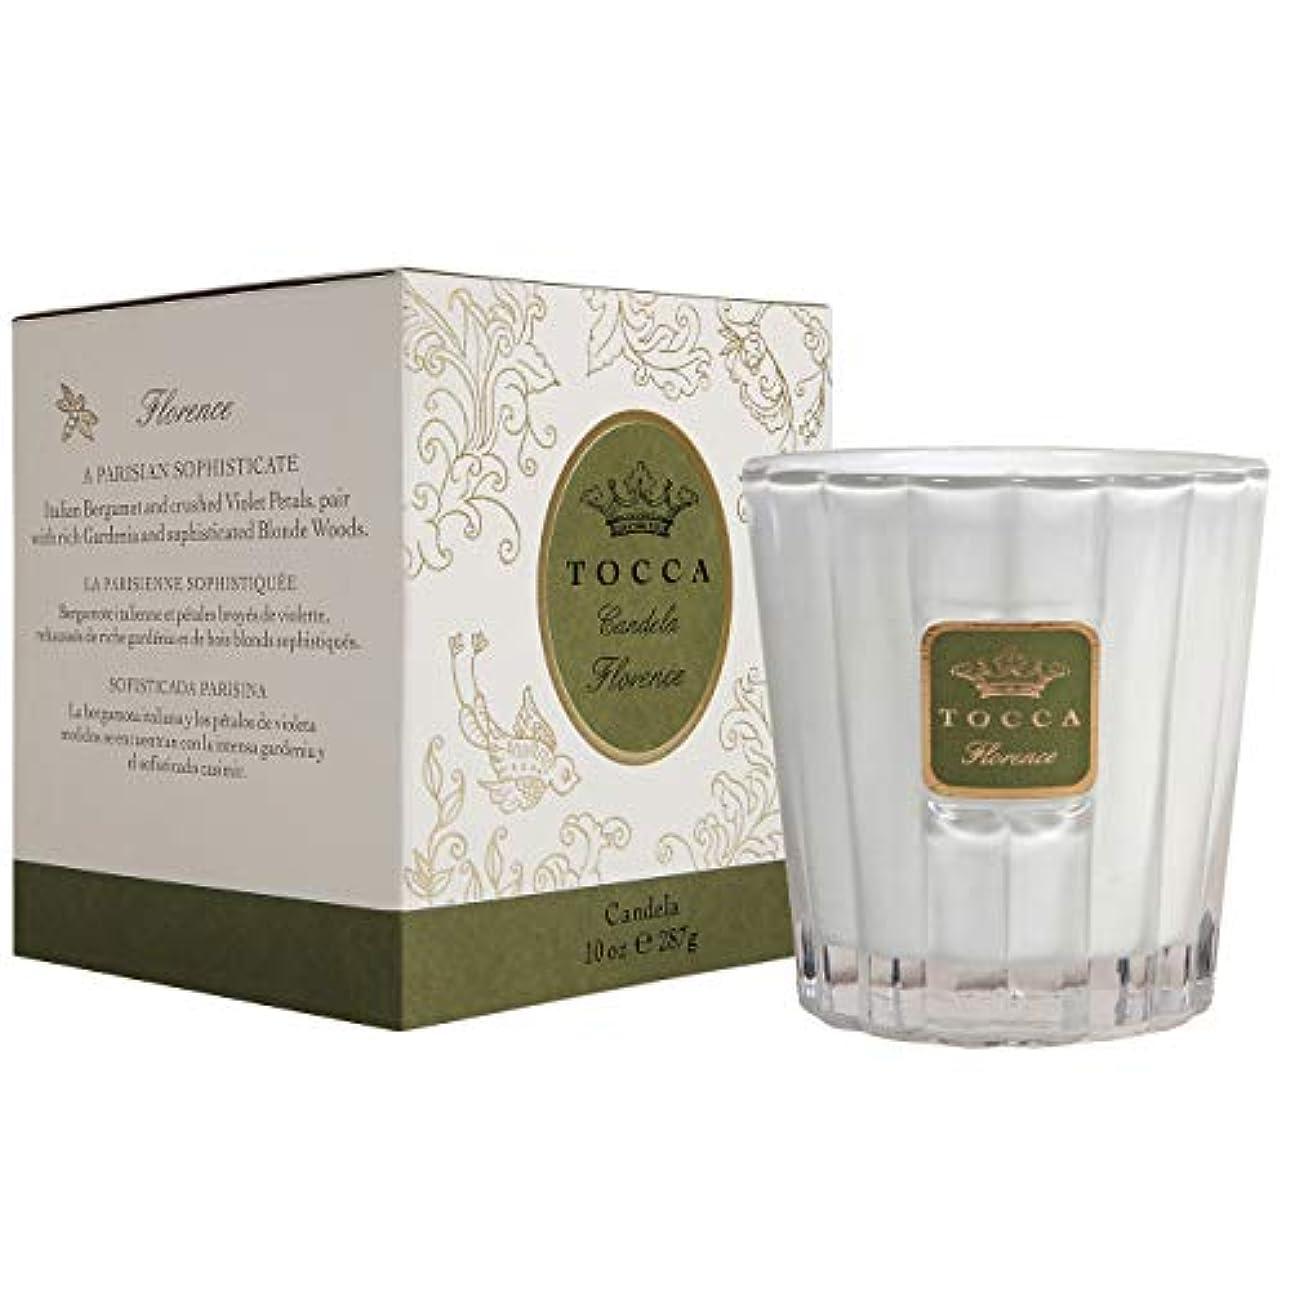 一貫性のない宿る証言トッカ(TOCCA) キャンドル フローレンスの香り 約287g (ろうそく 上品なフローラルの香り)